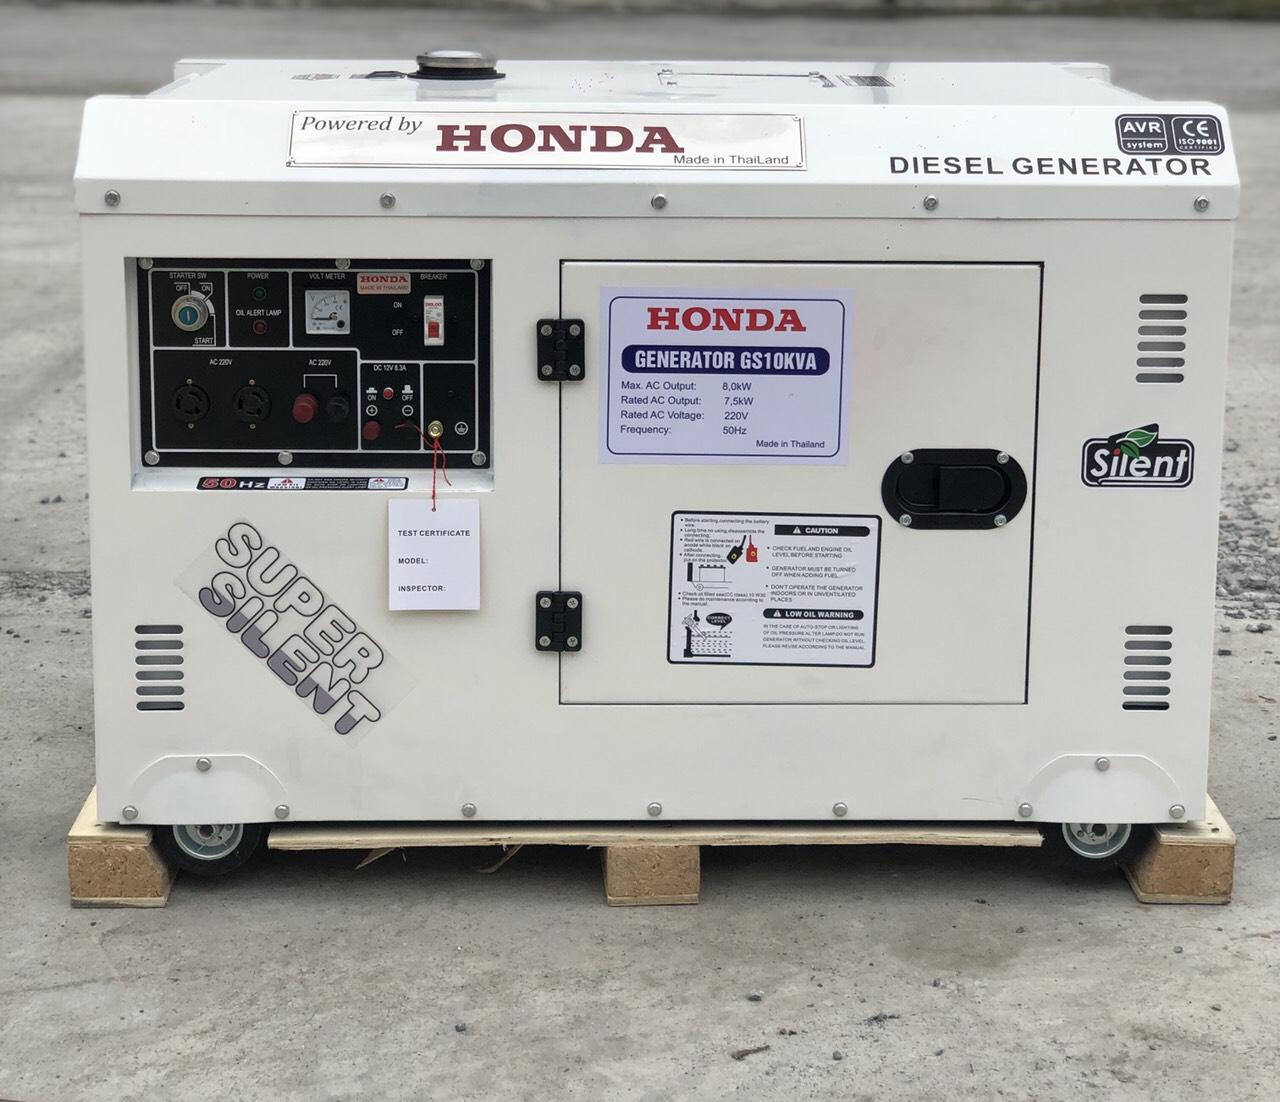 Máy phát điện Honda GS10KVA chạy dầu từ Thái Lan